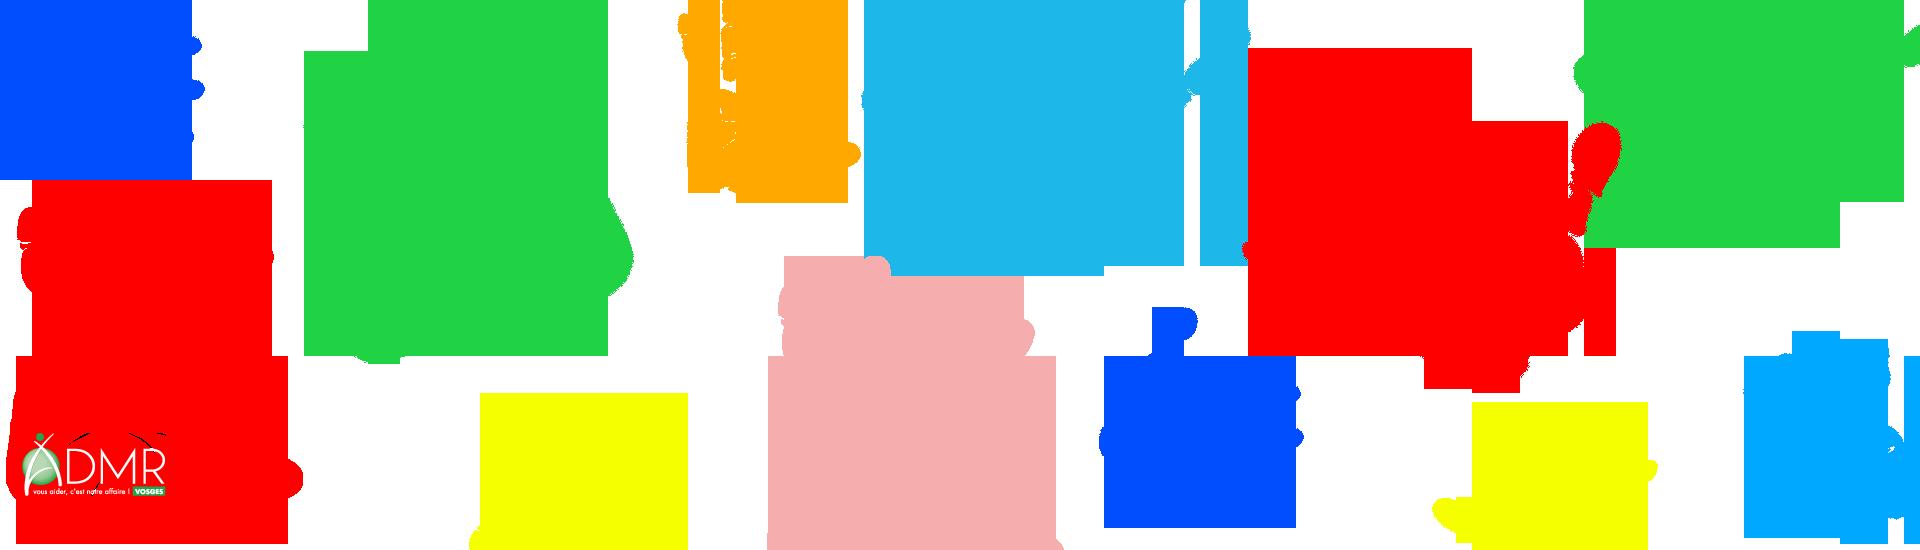 Soutien à la parentalité à domicile (Image Copyright Pixabay)